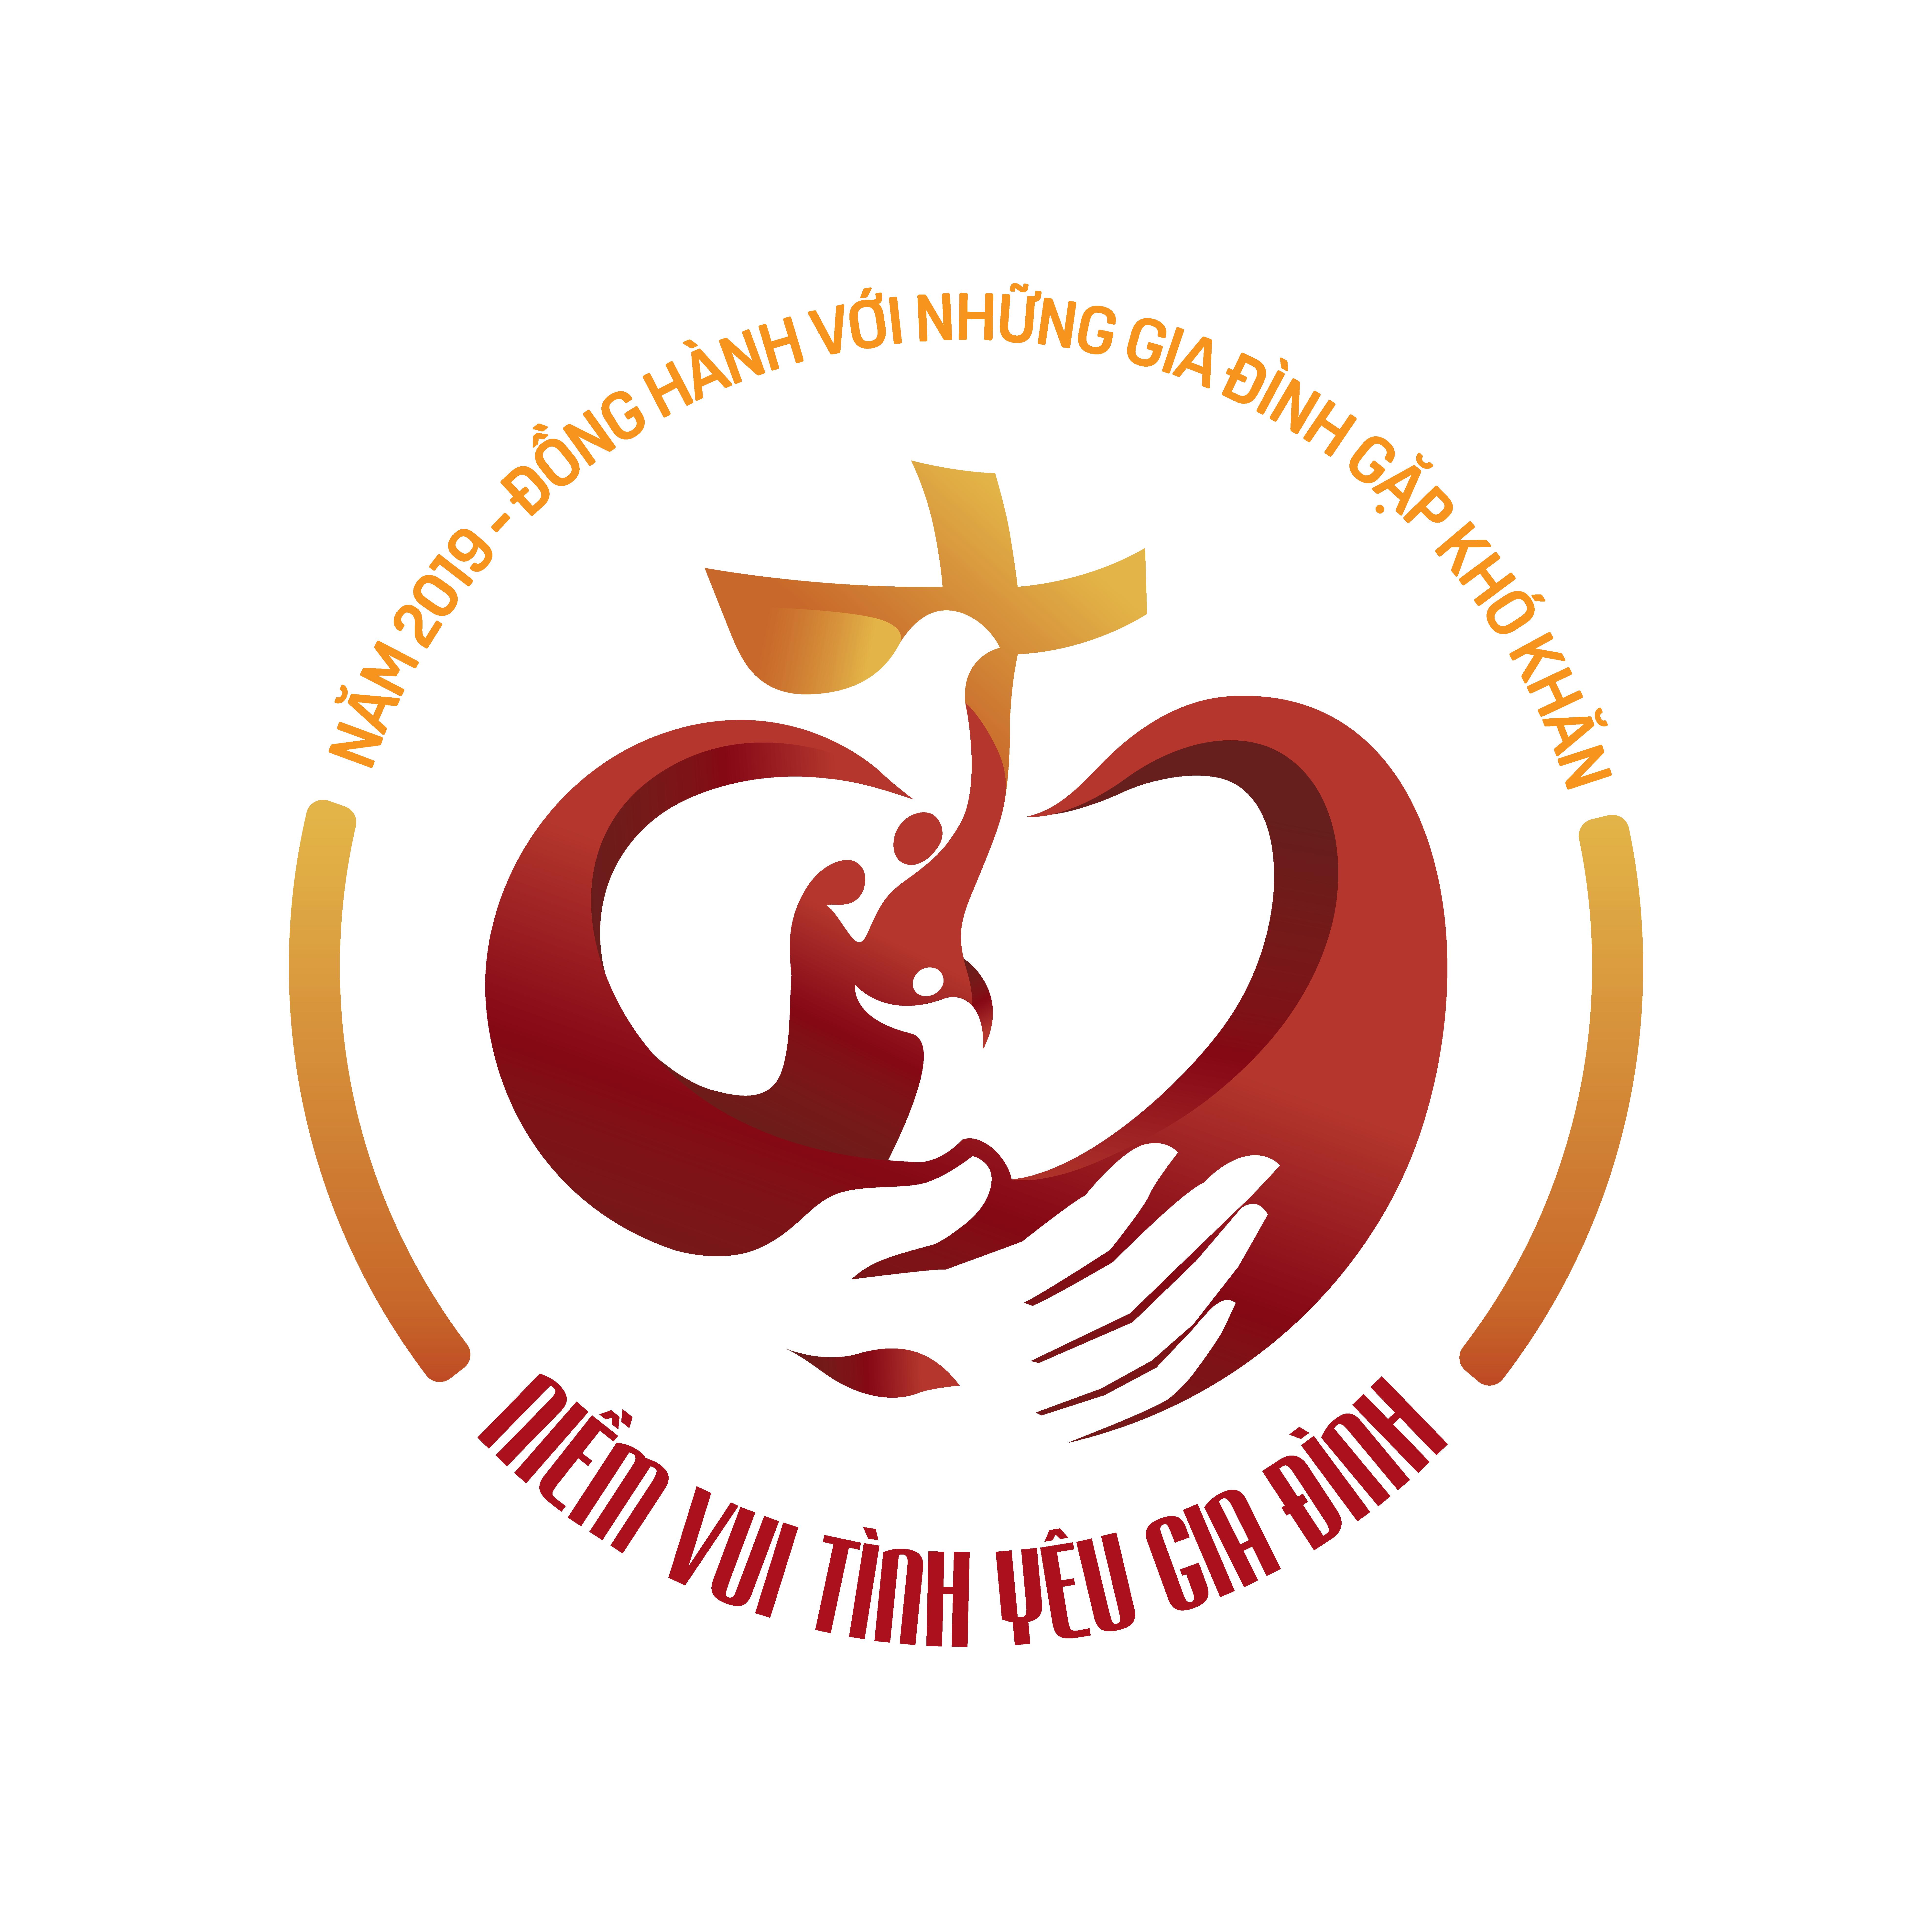 Gợi ý mục vụ năm 2019 – Bài 3: QUI LUẬT ĐỒNG HÀNH: TIỆM TIẾN THEO THỜI GIAN